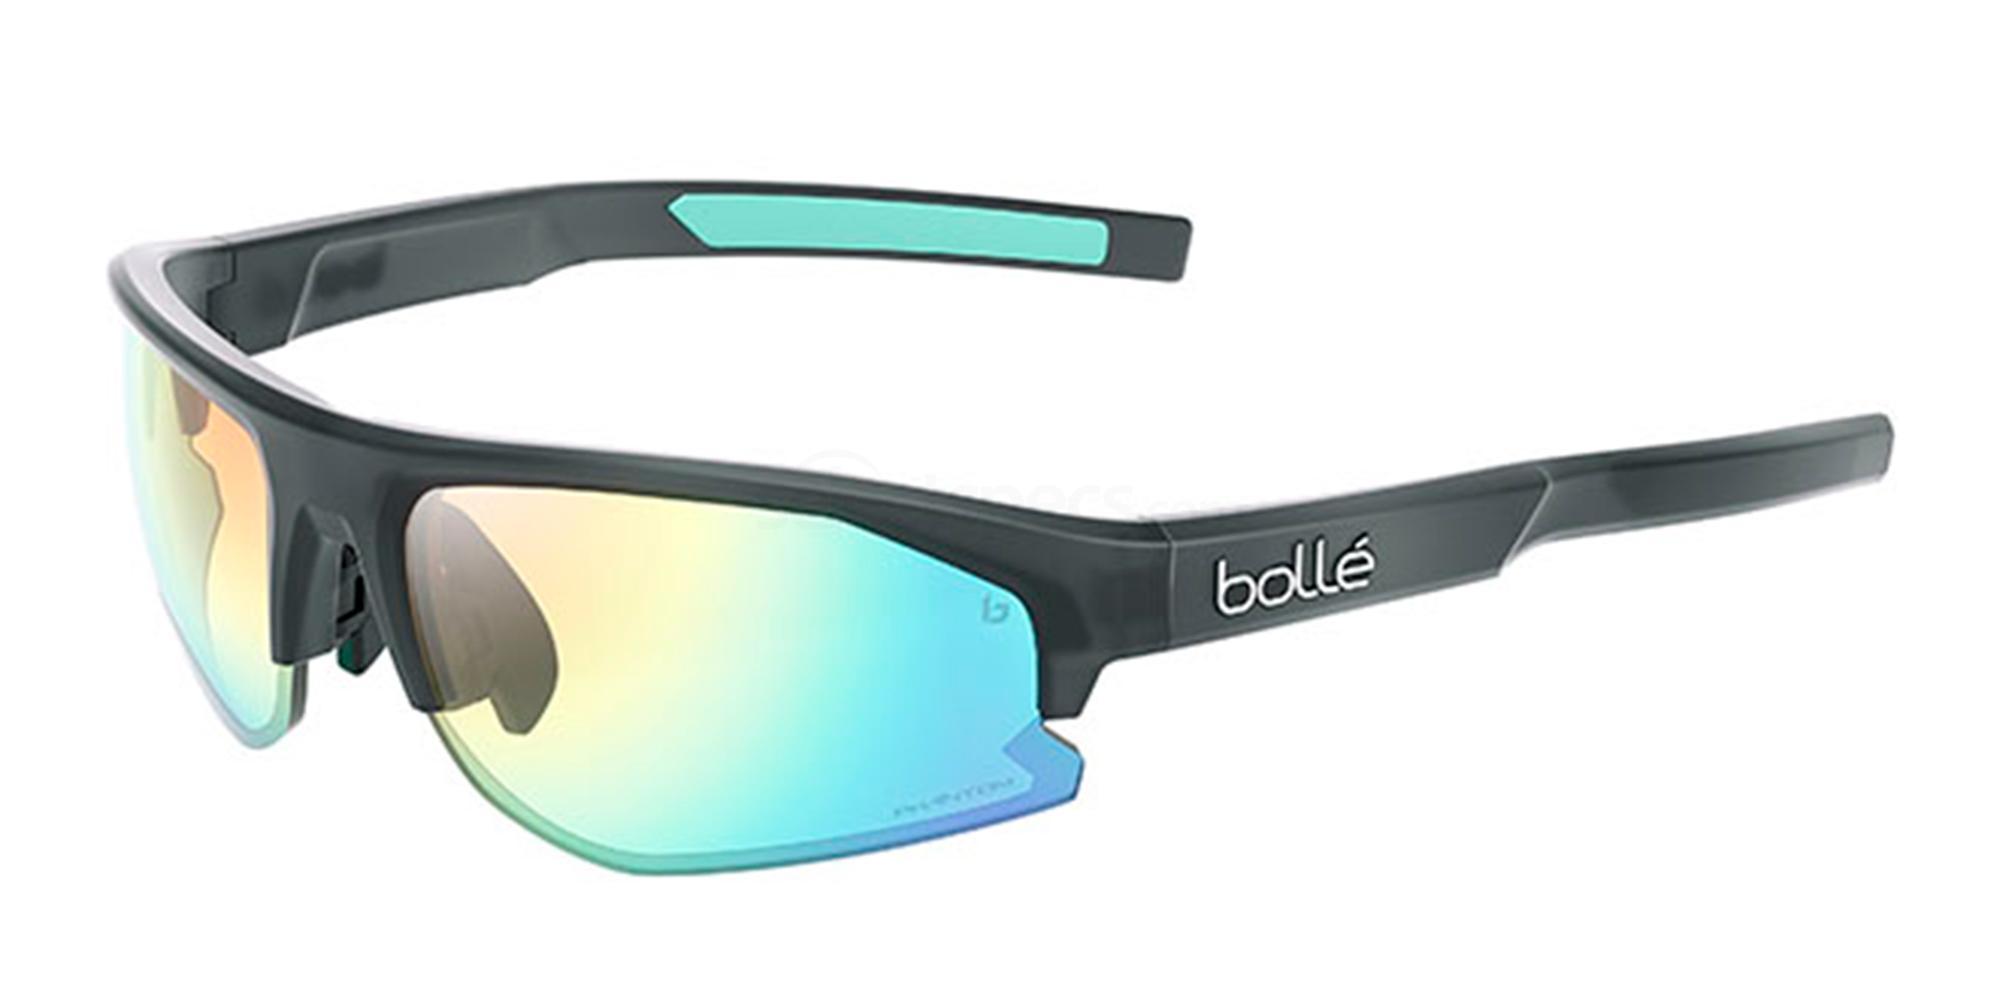 BS004004 BOLT 2.0 S Sunglasses, Bolle